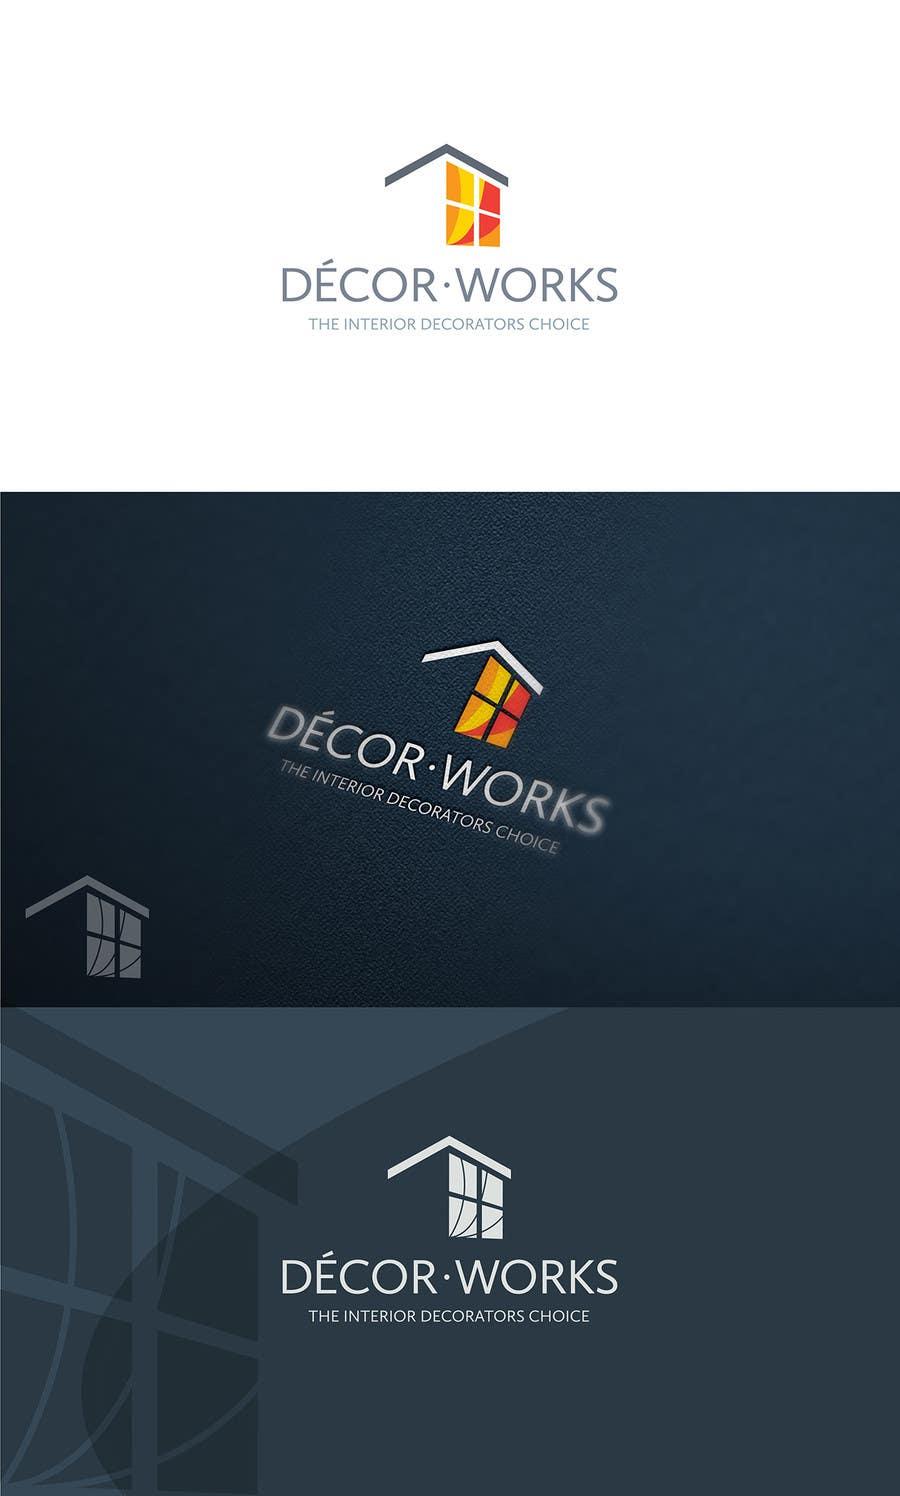 Contest Entry #49 For Design A Logo For Interior Decorating Company